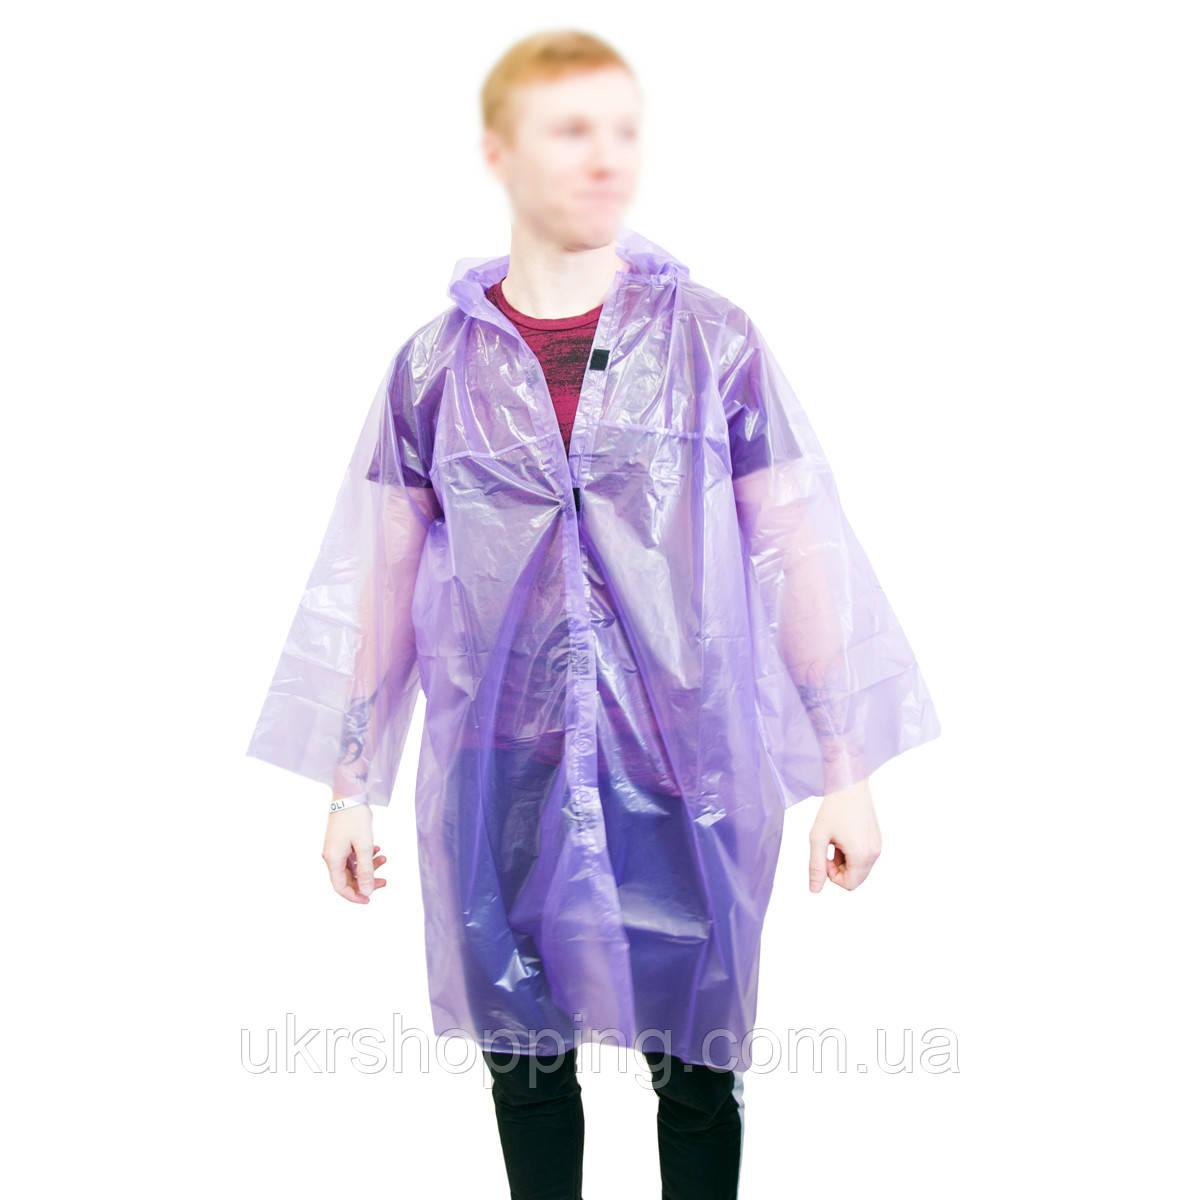 """Фіолетовий дощовик для підлітка на липучках, плащ від дощу підлітковий """"Ваш комфорт"""" 60 мкм (дощовик)"""